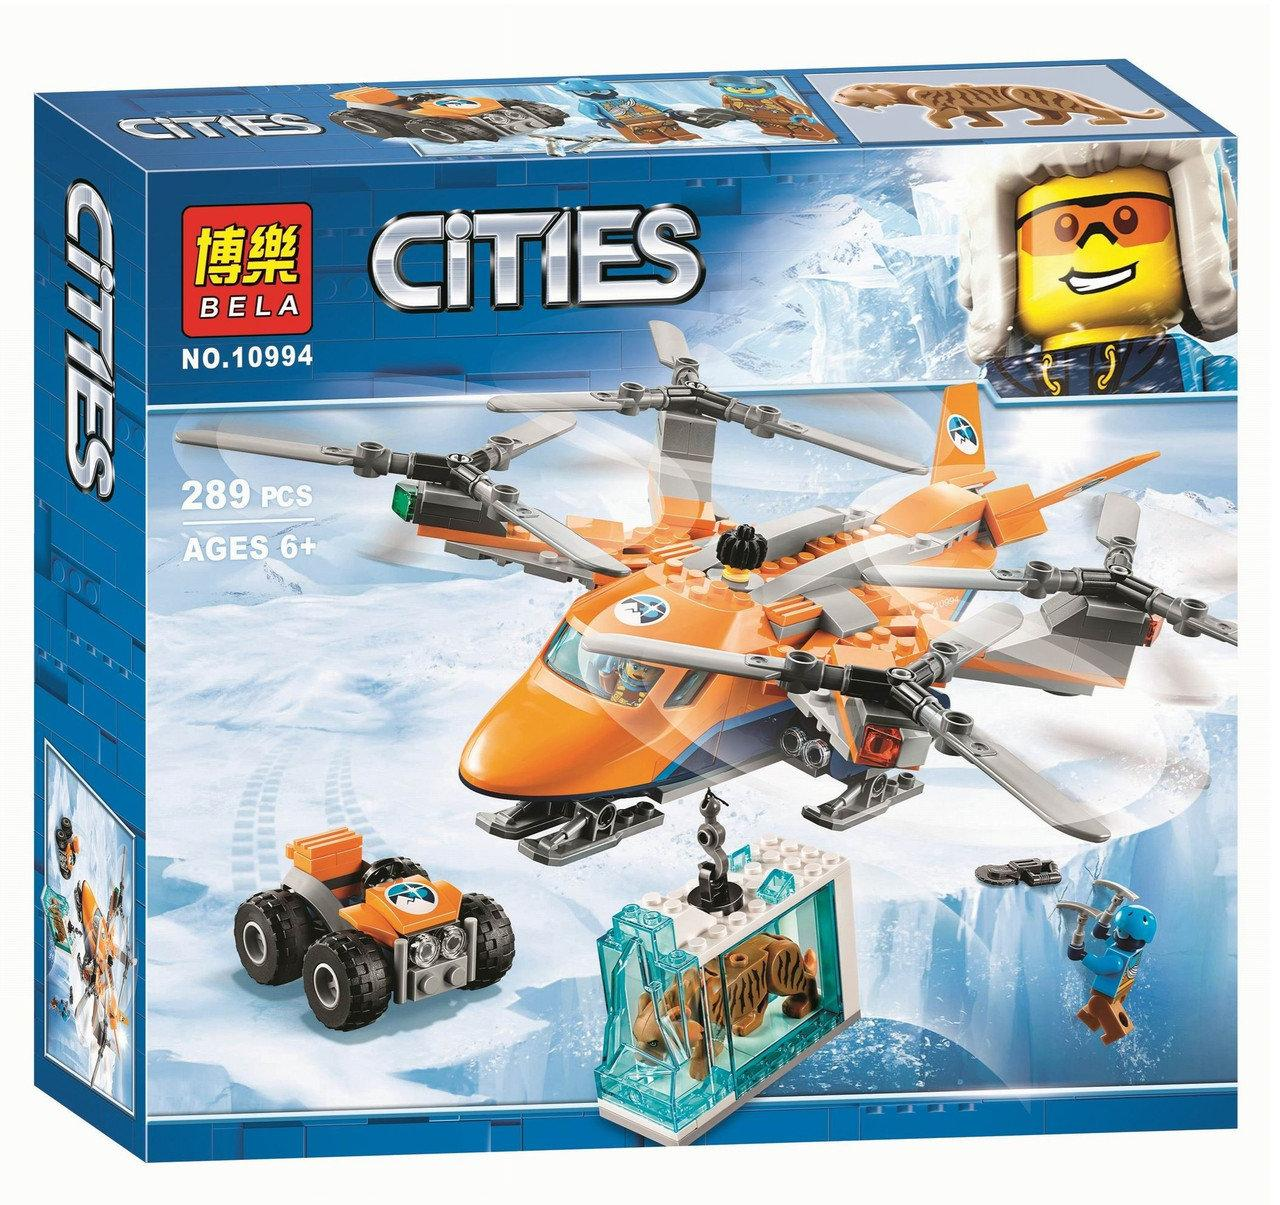 Конструктор Bela 10994 Арктический вертолет City Arctic 289 дет